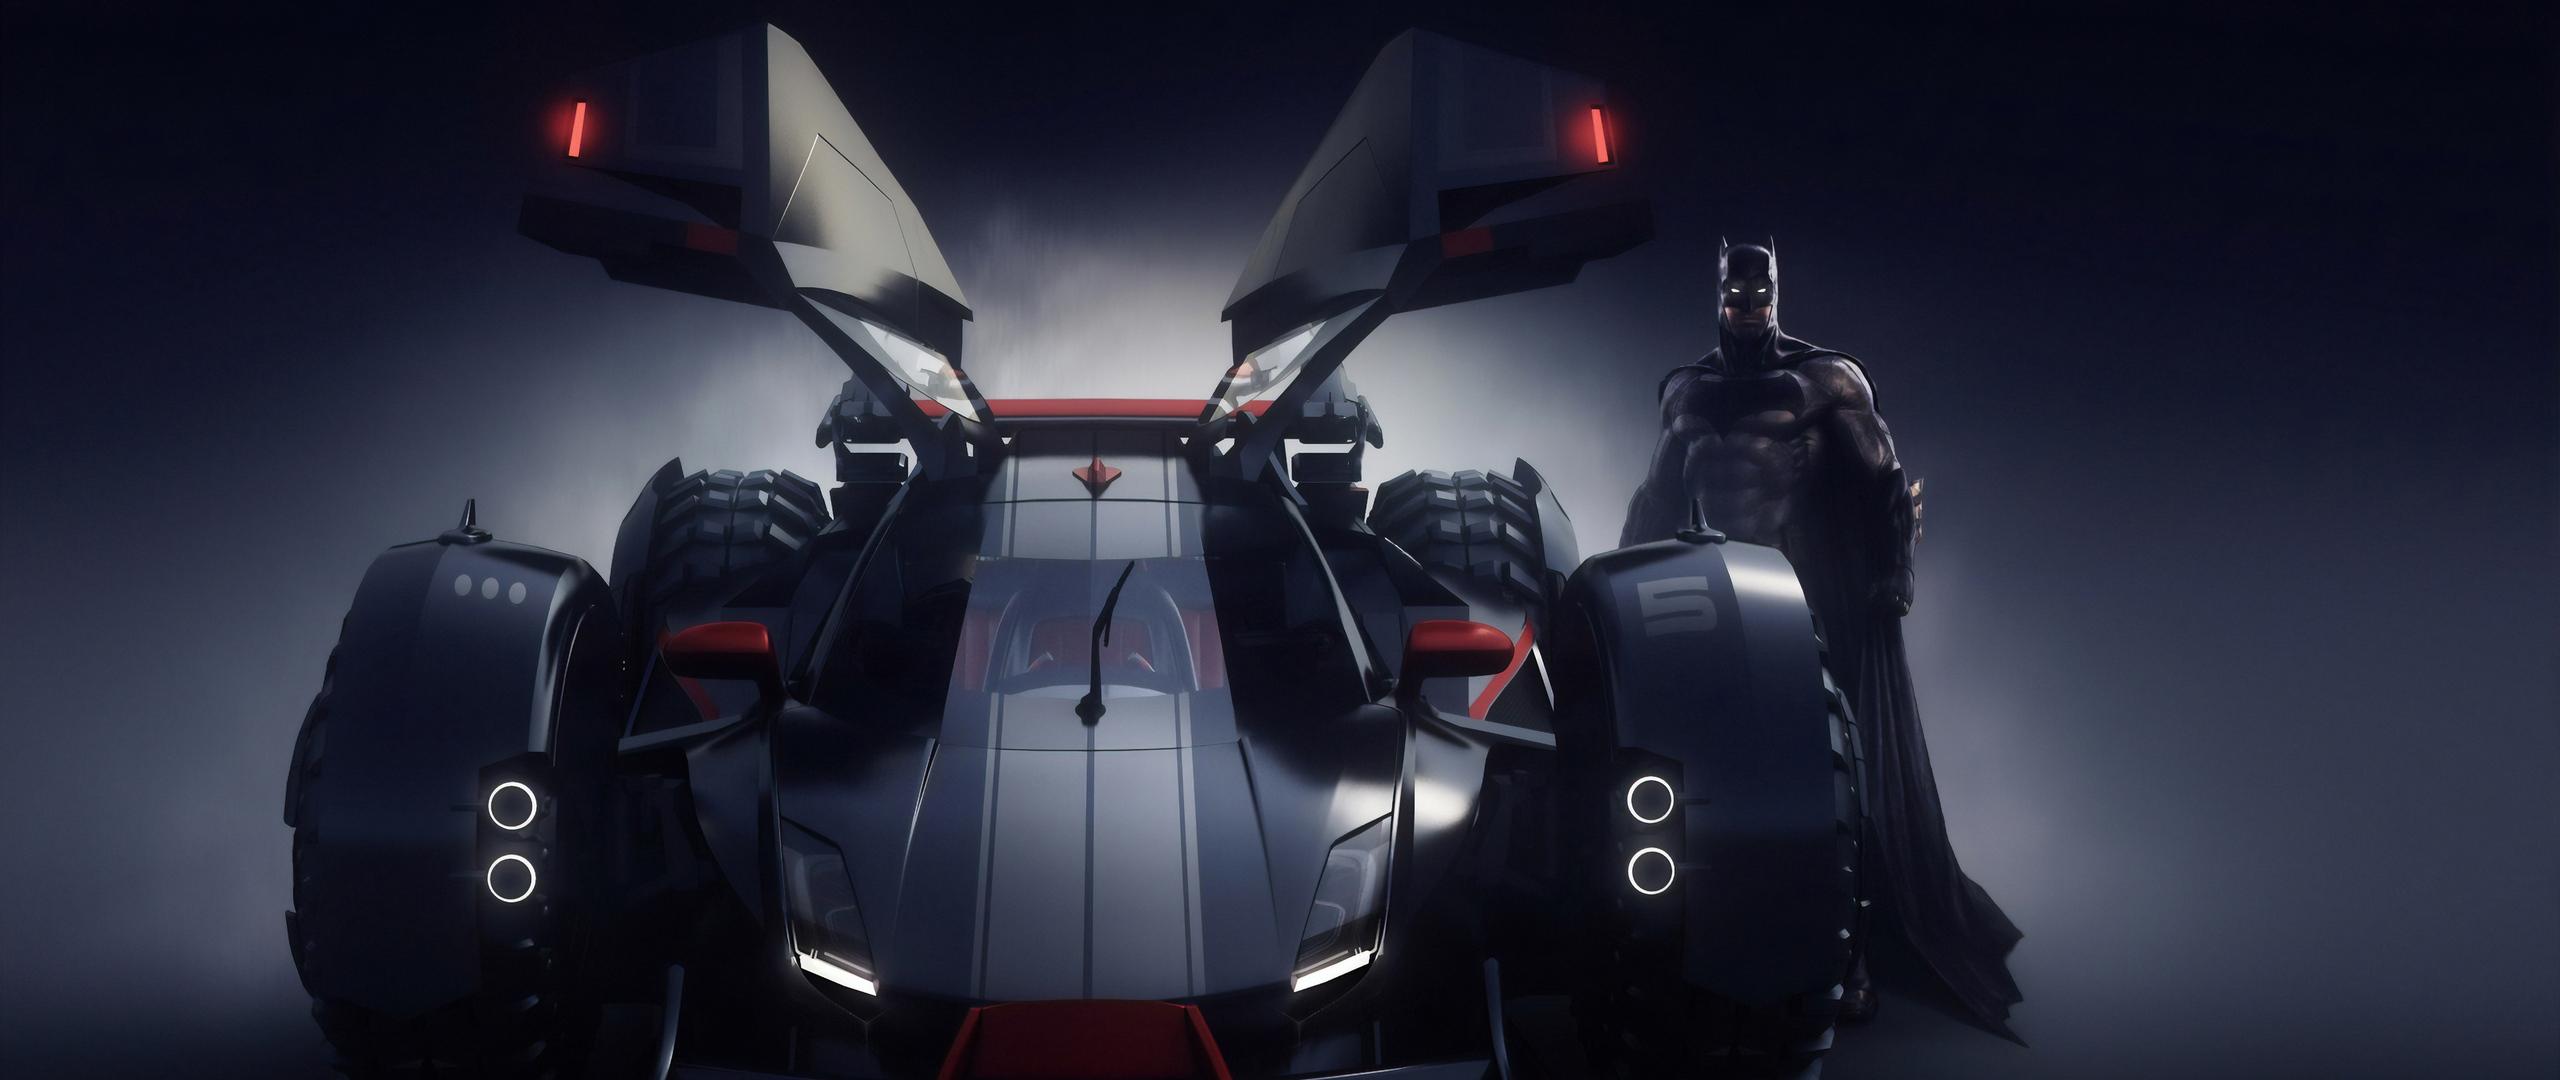 batman-batmobile-4k-50.jpg